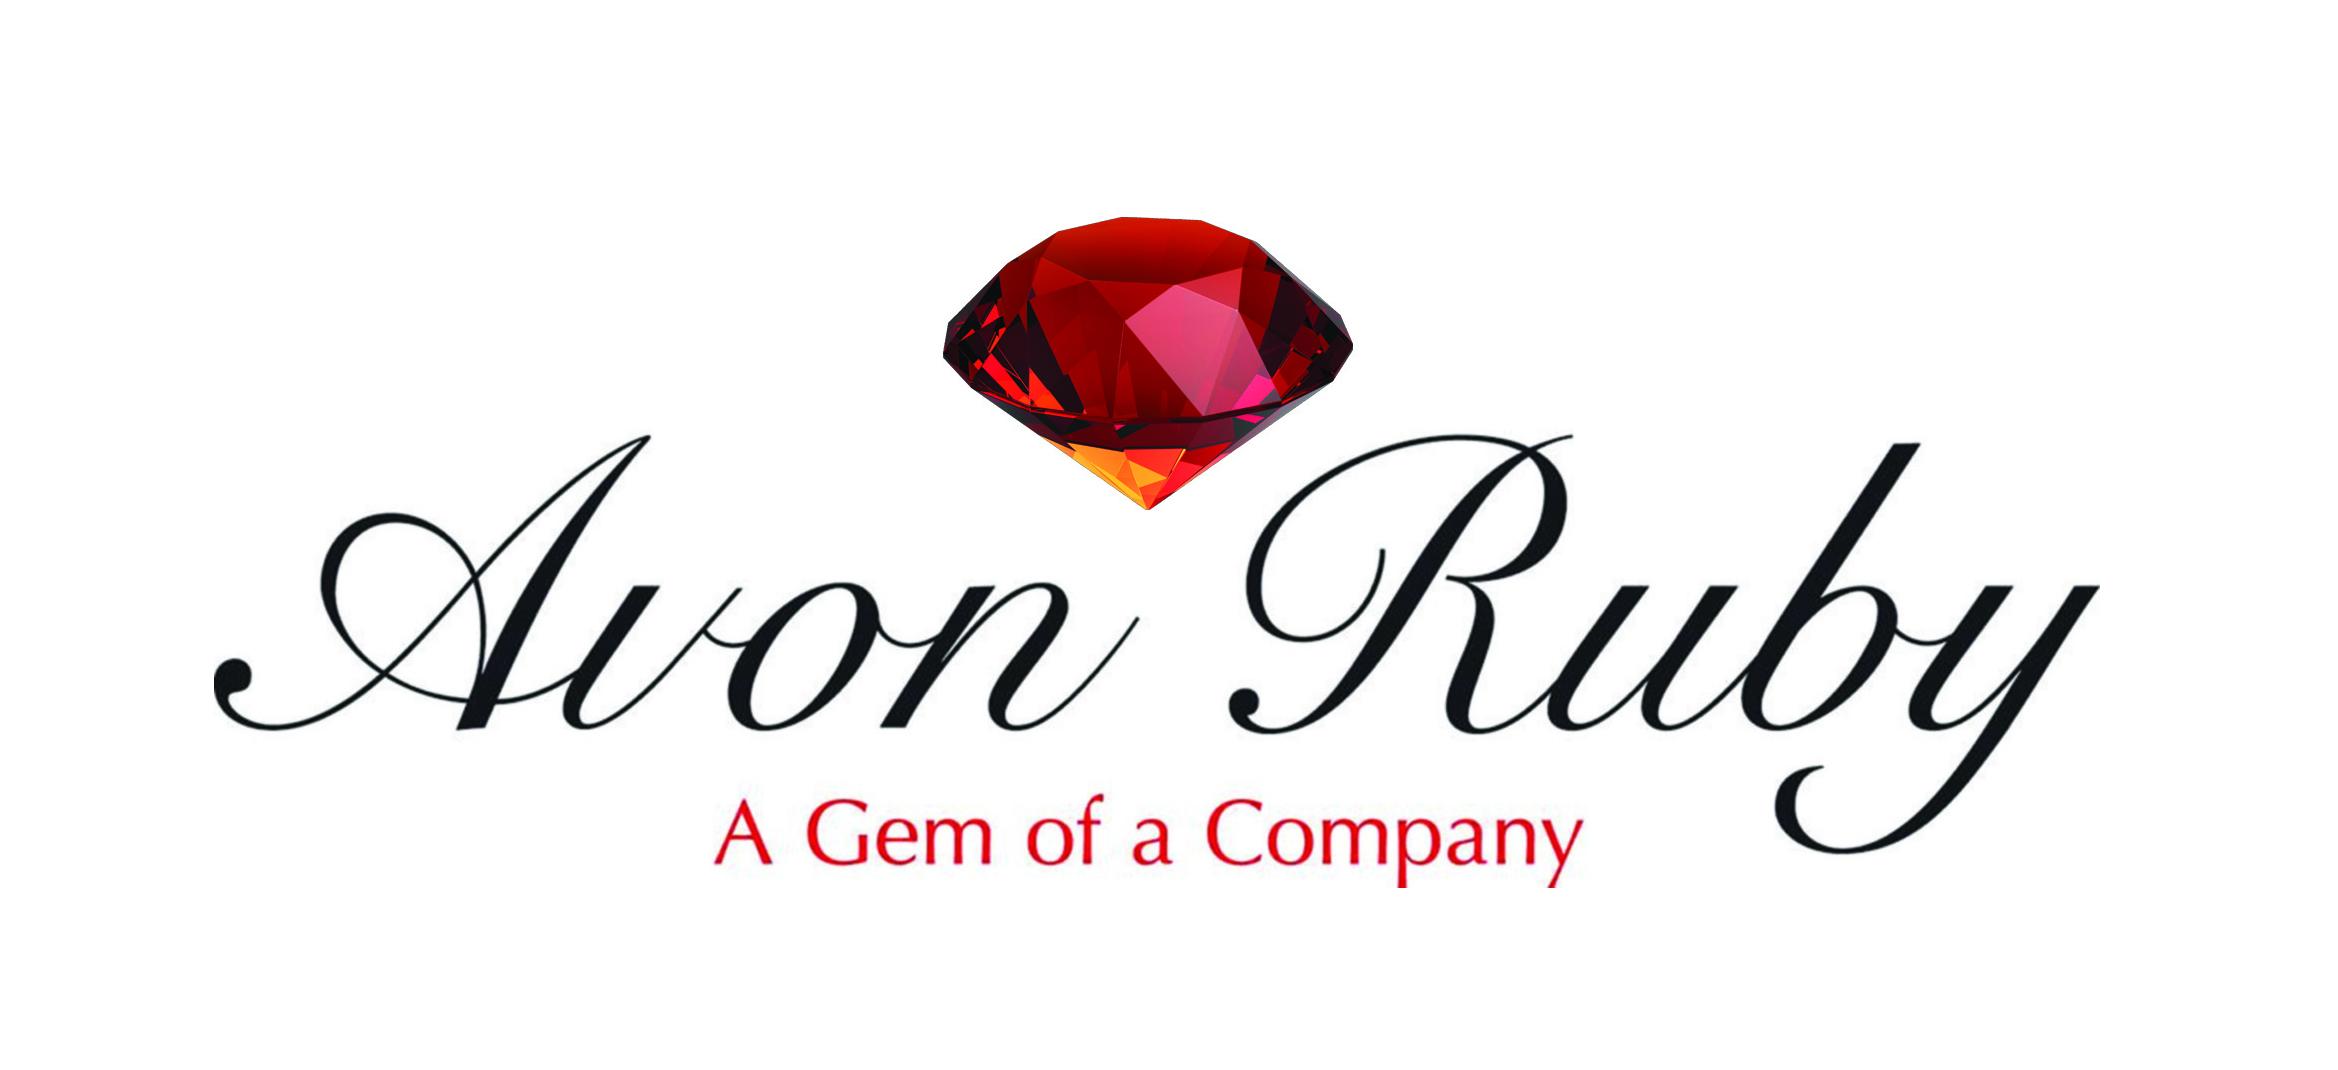 Read Avon Ruby (UK) Ltd Reviews